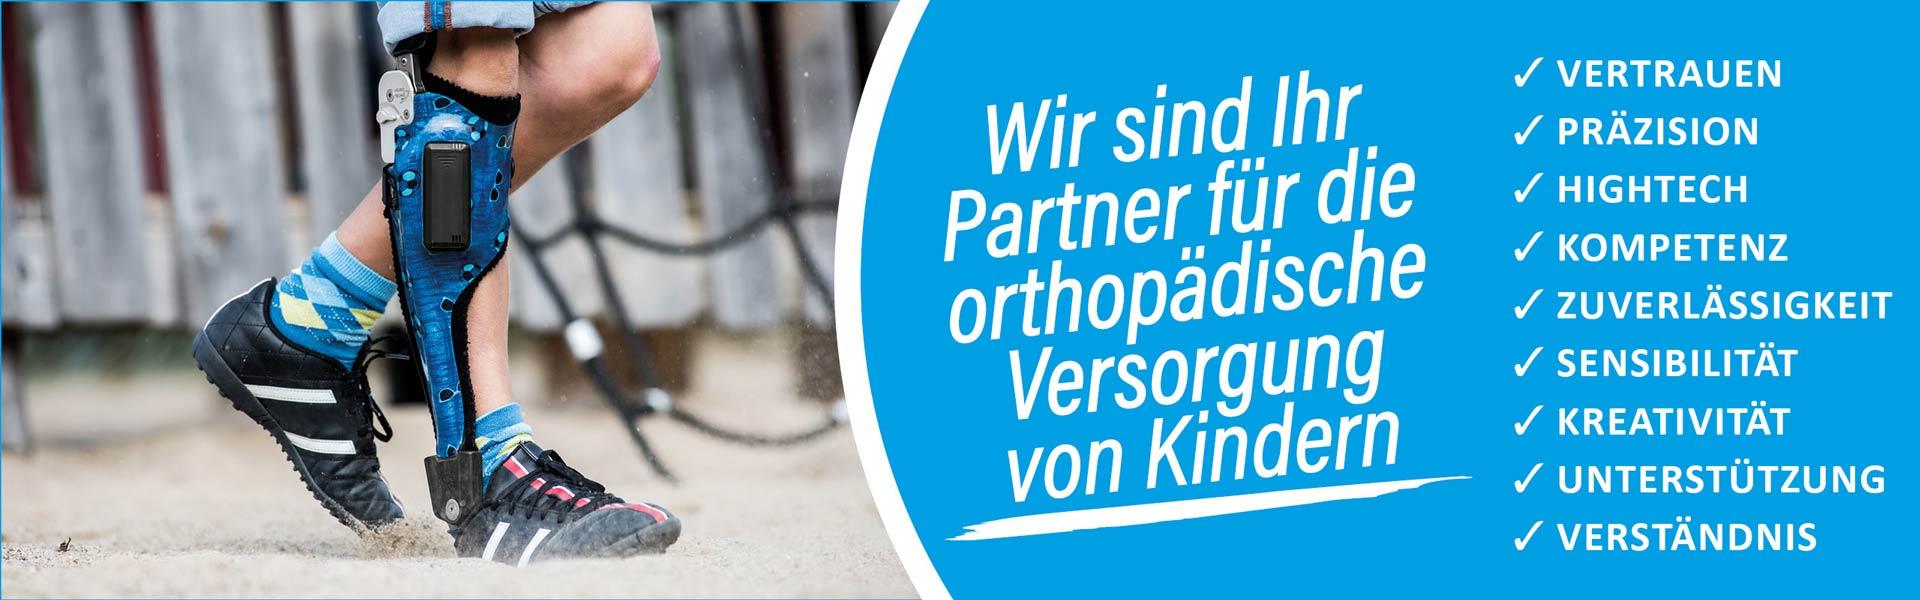 Sanitätshaus Lappe - Kinderversorgung in Orthopädie, Reha, Schuhtechnik